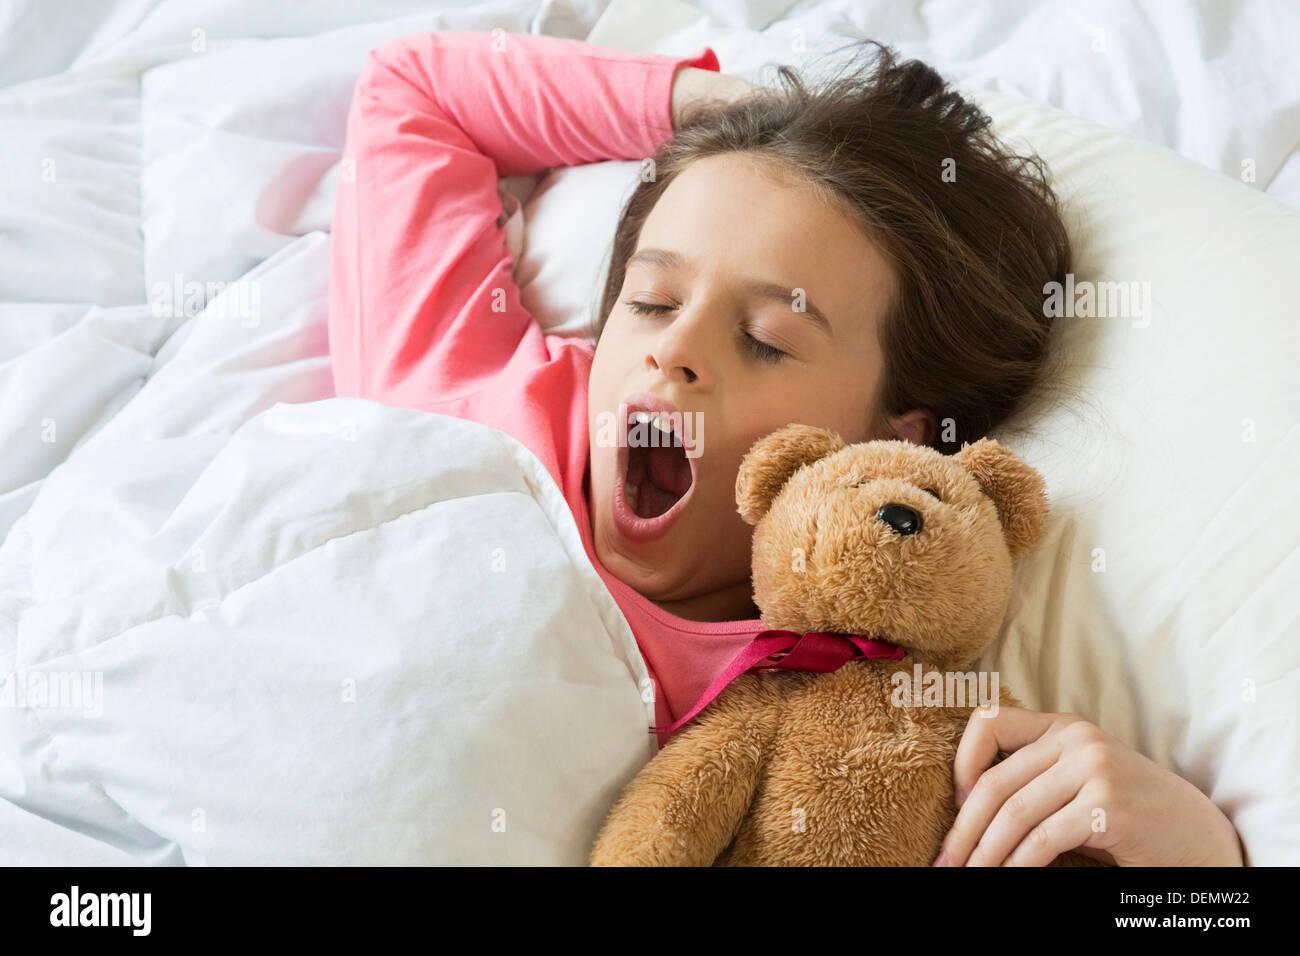 junges Mädchen Gähnen im Bett aufwachen Stockbild